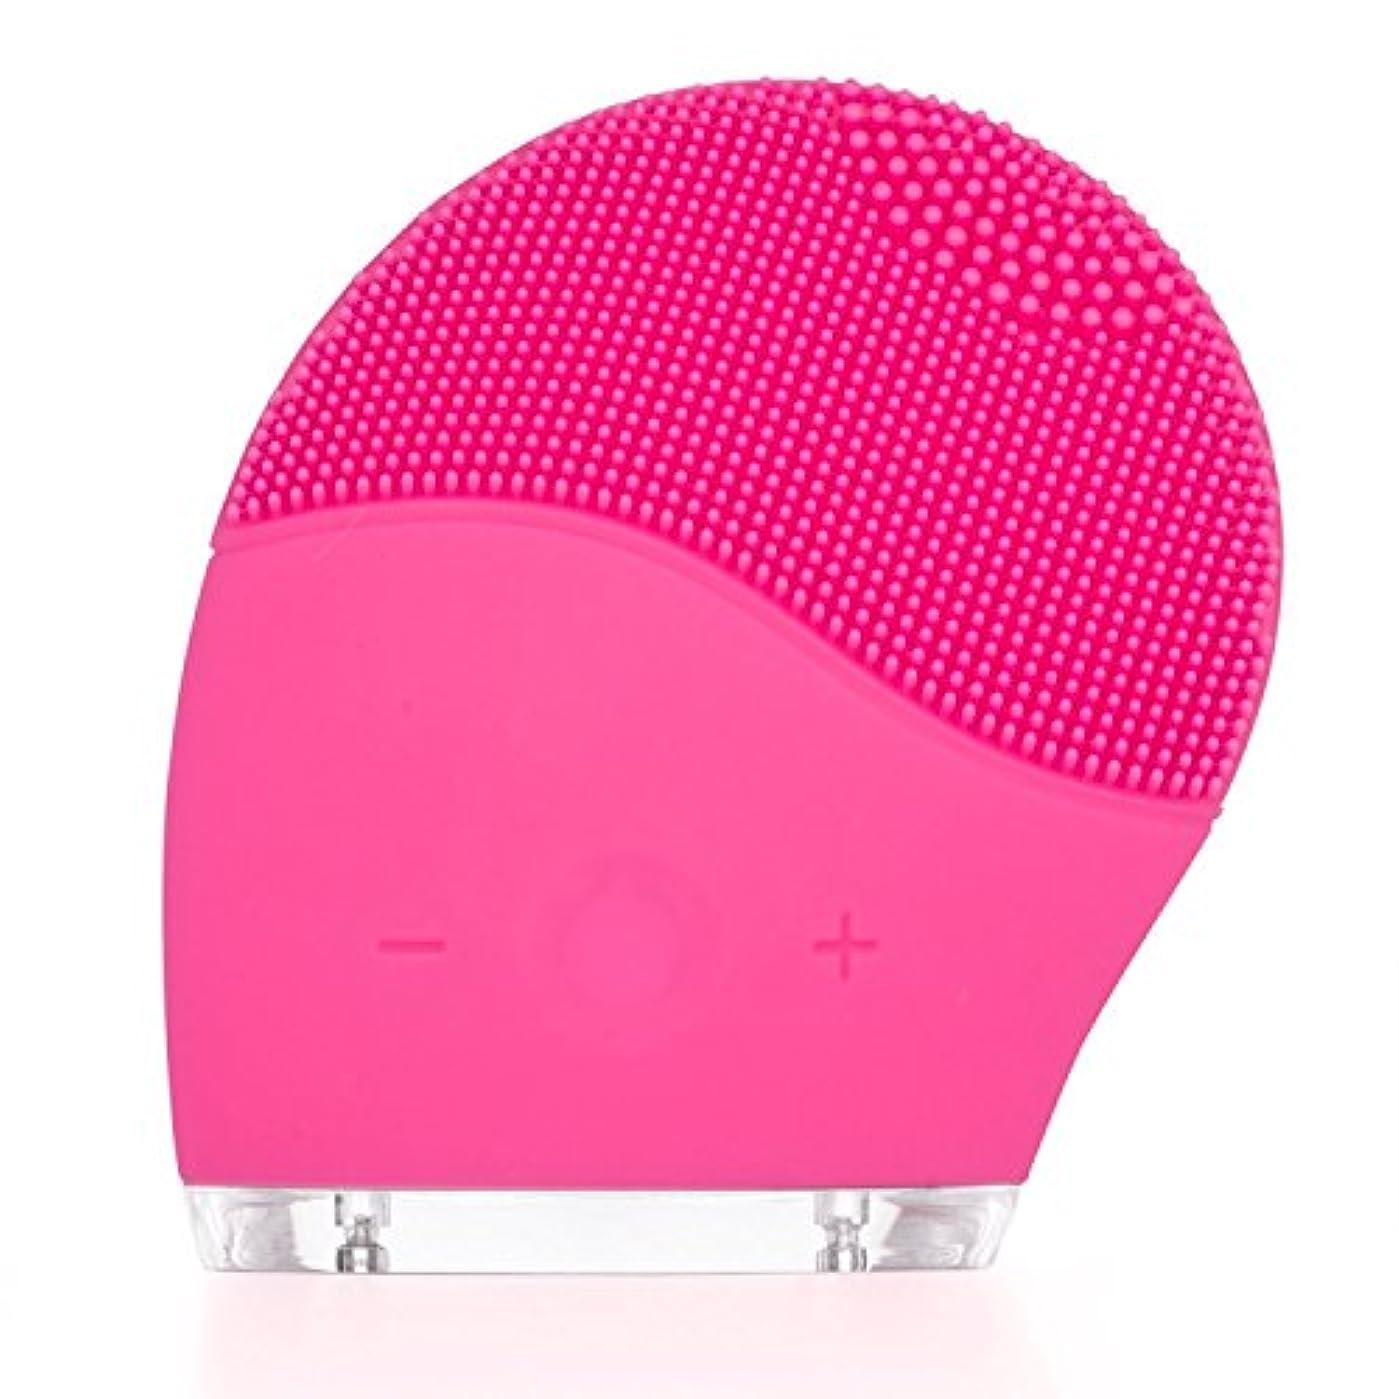 の量ナチュラル意味Dazers 音波洗顔 電動 洗顔ブラシ 高級シリコン クレンジング 洗顔器 防水 充電式 毛穴ケア スピード調節でき 顔部マッサージ (ローズピンク) プレゼント